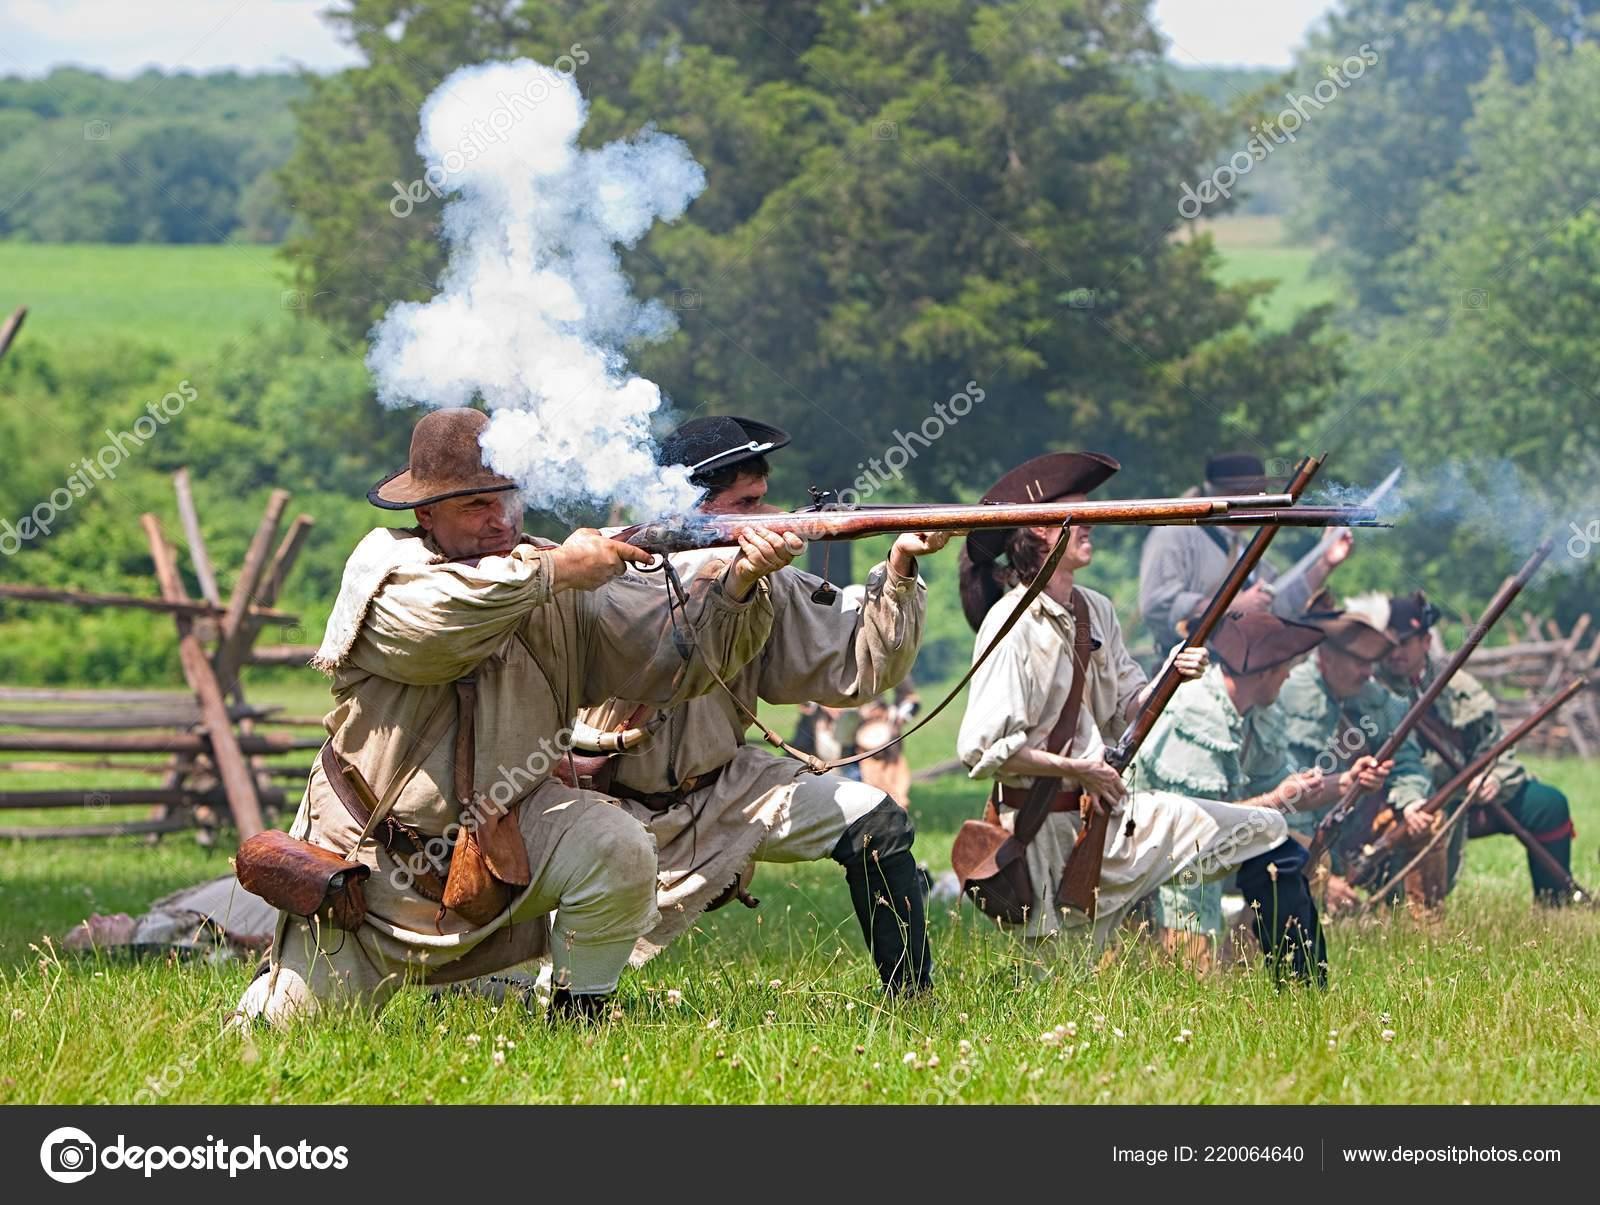 Revolutionary War Reenactment Annual Reenactment Battle